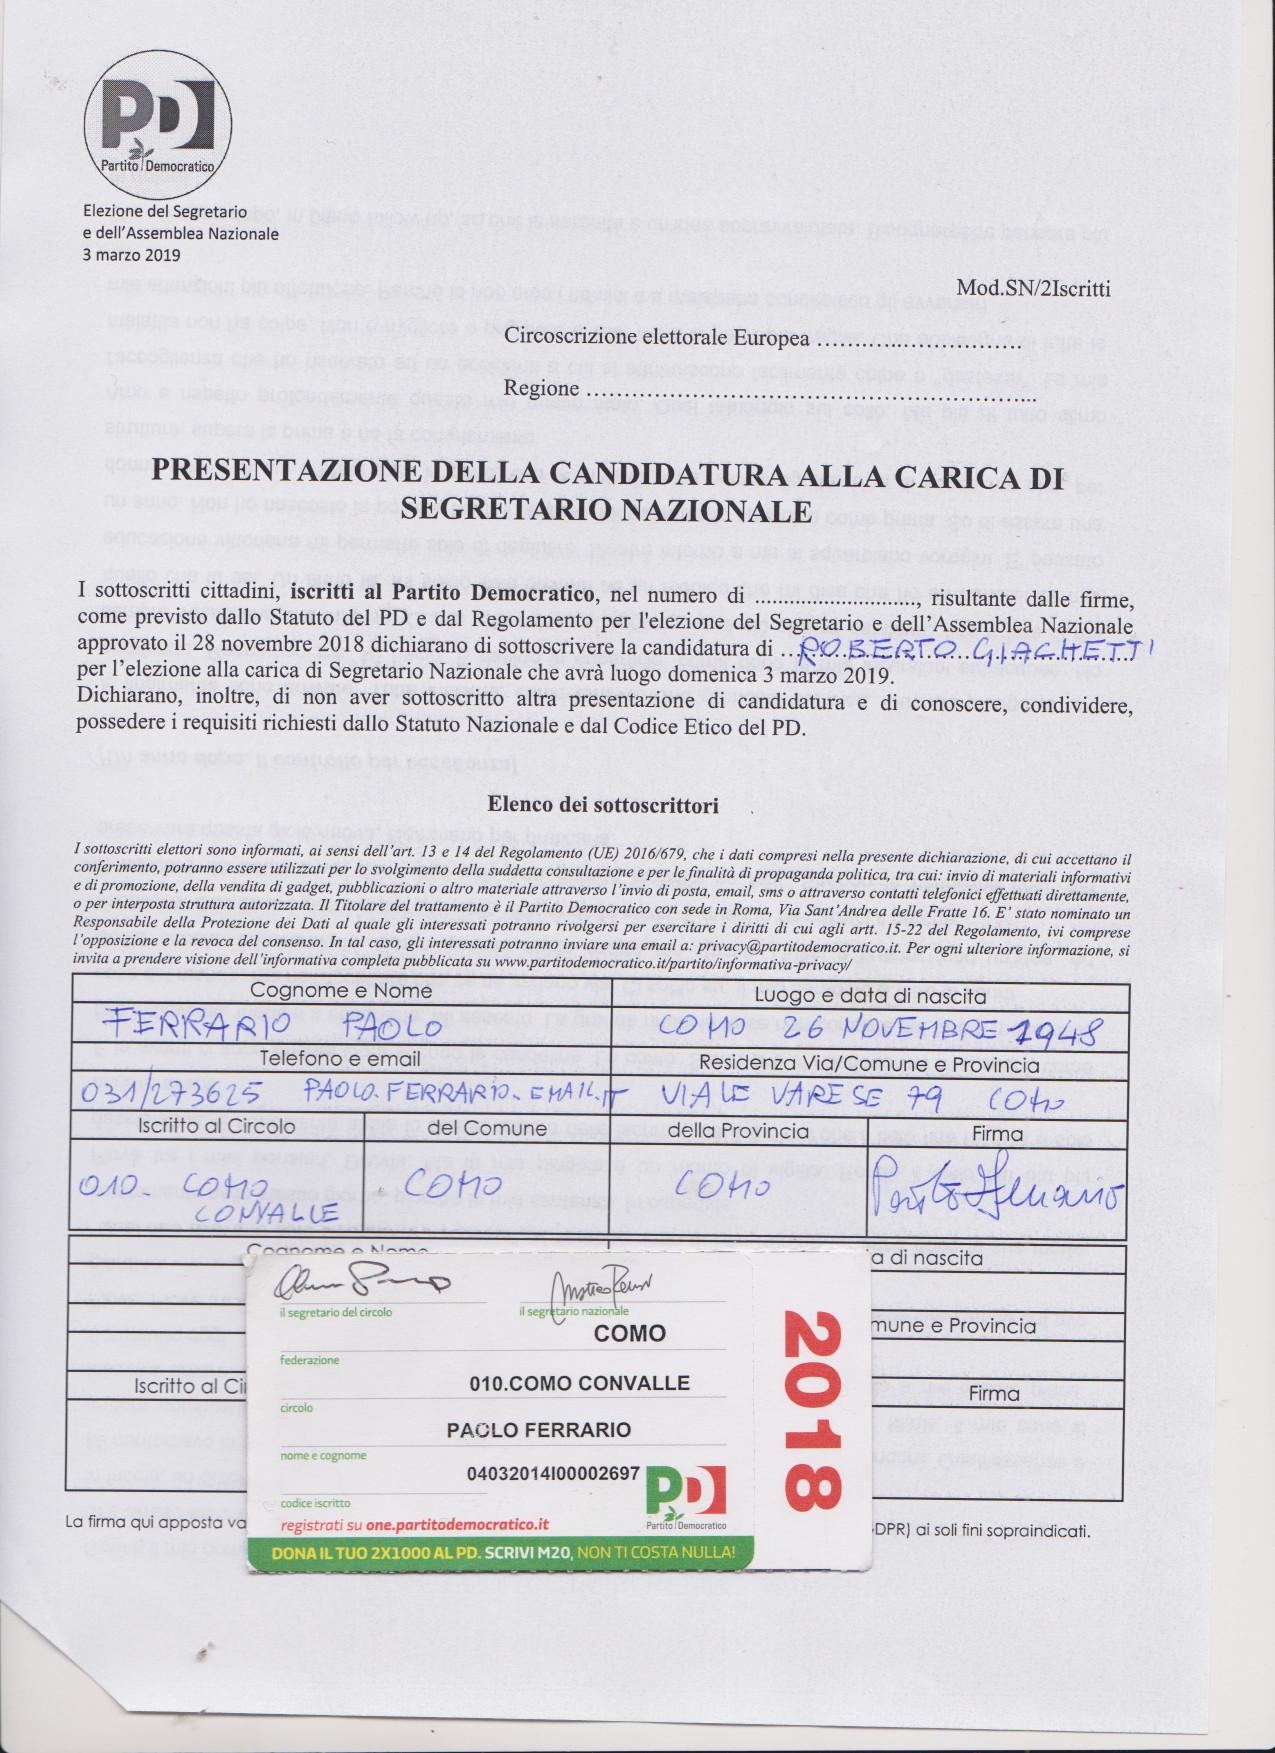 PAOLO FERRArio per romano giachetti231